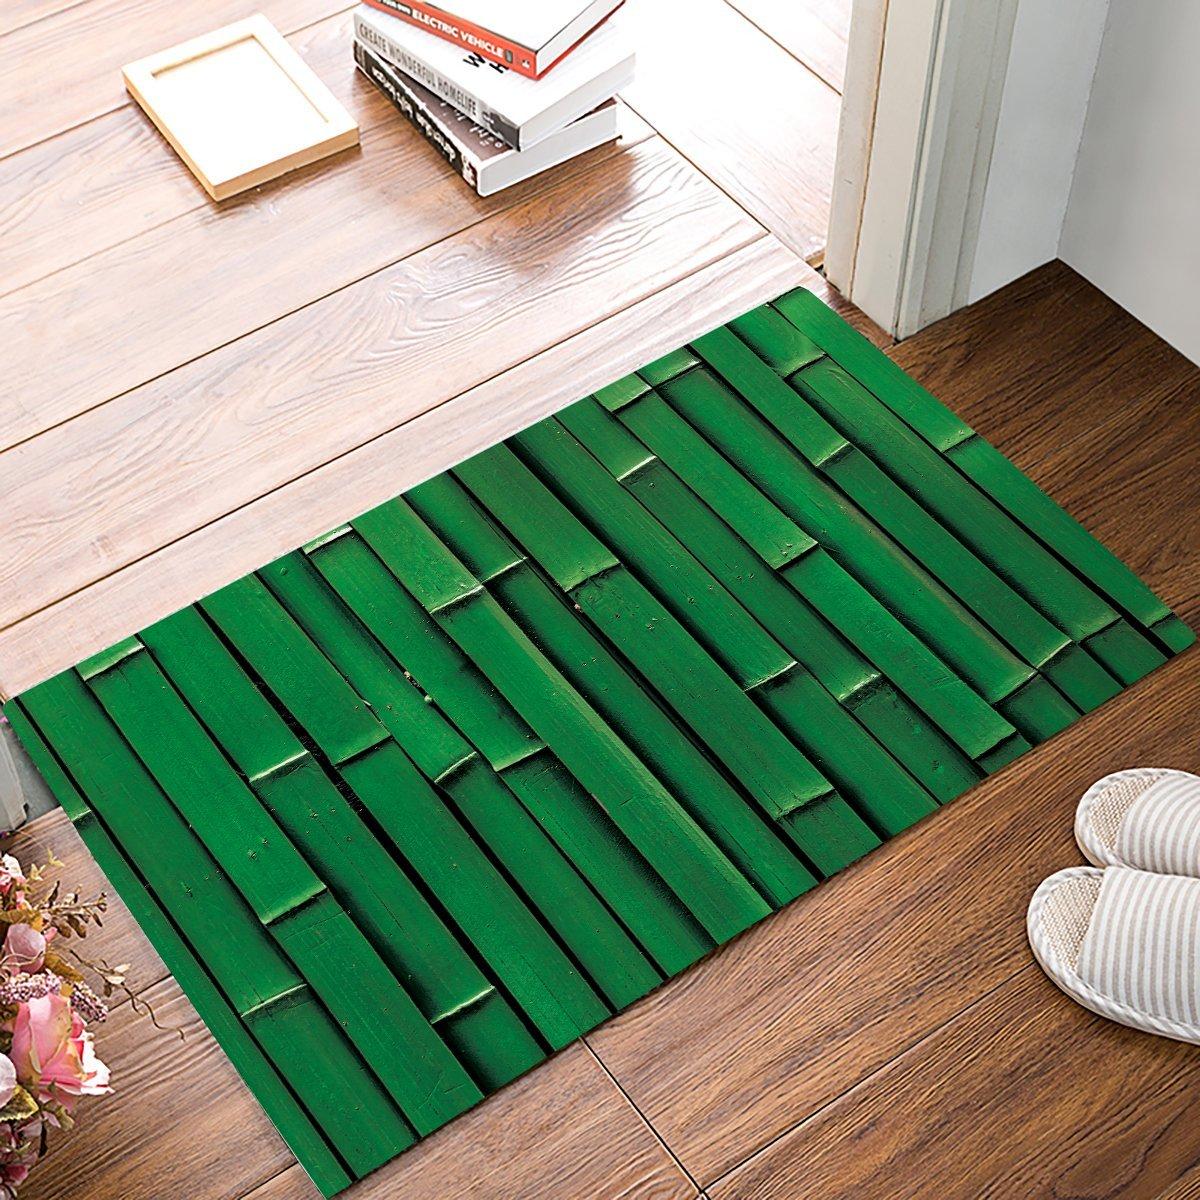 Green bamboo door mats kitchen floor bath entrance rug mat - Bamboo flooring in kitchen and bathroom ...